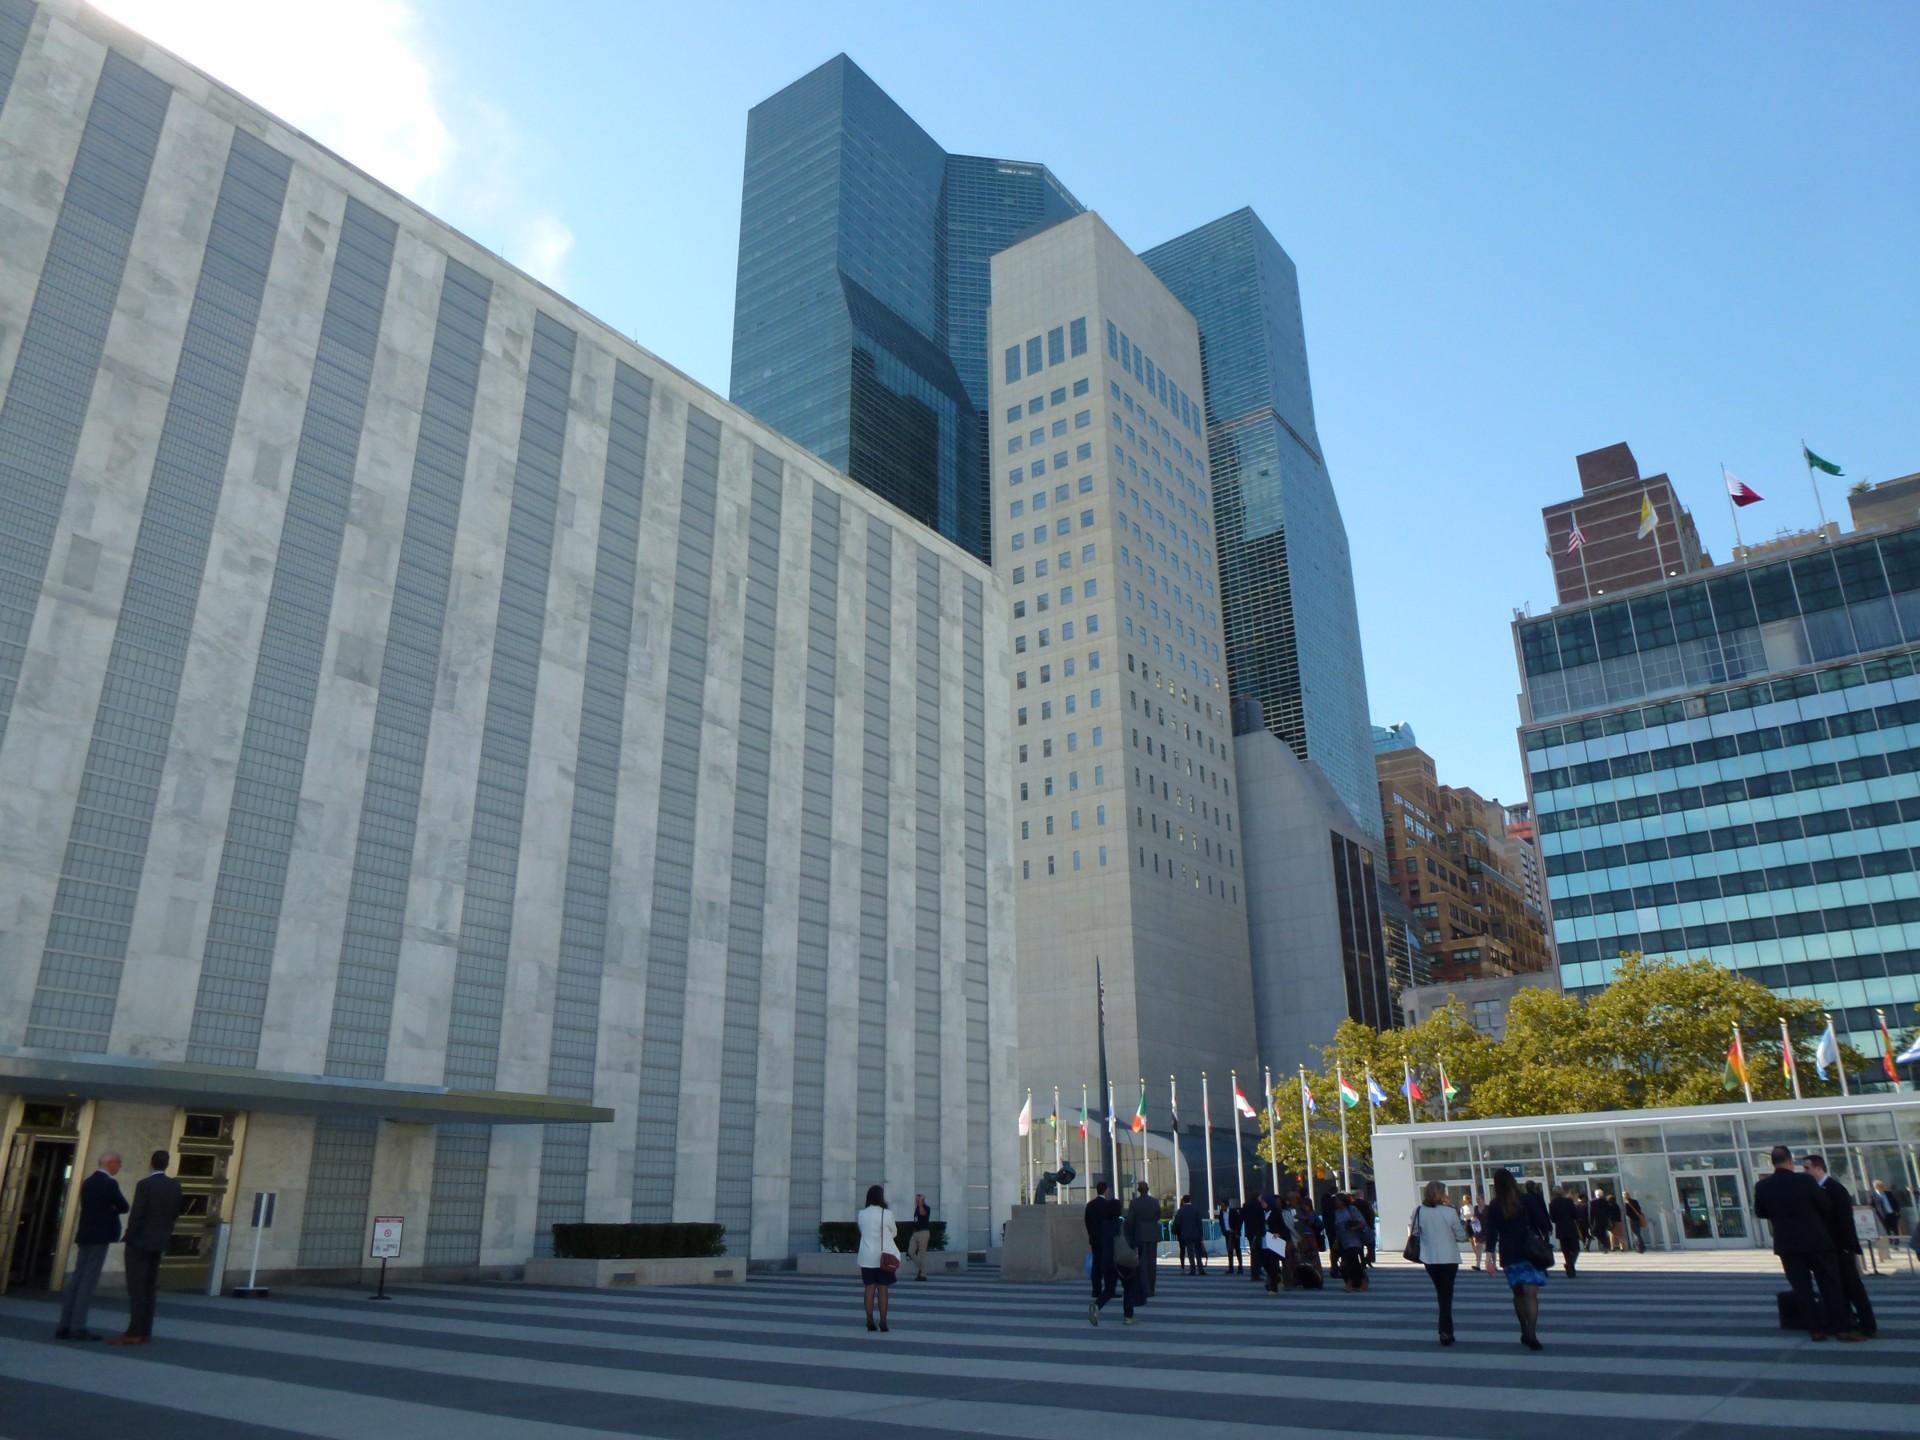 Ingang van de Algemene Vergadering van de VN in New York. Foto: Rosalie de Bruijn